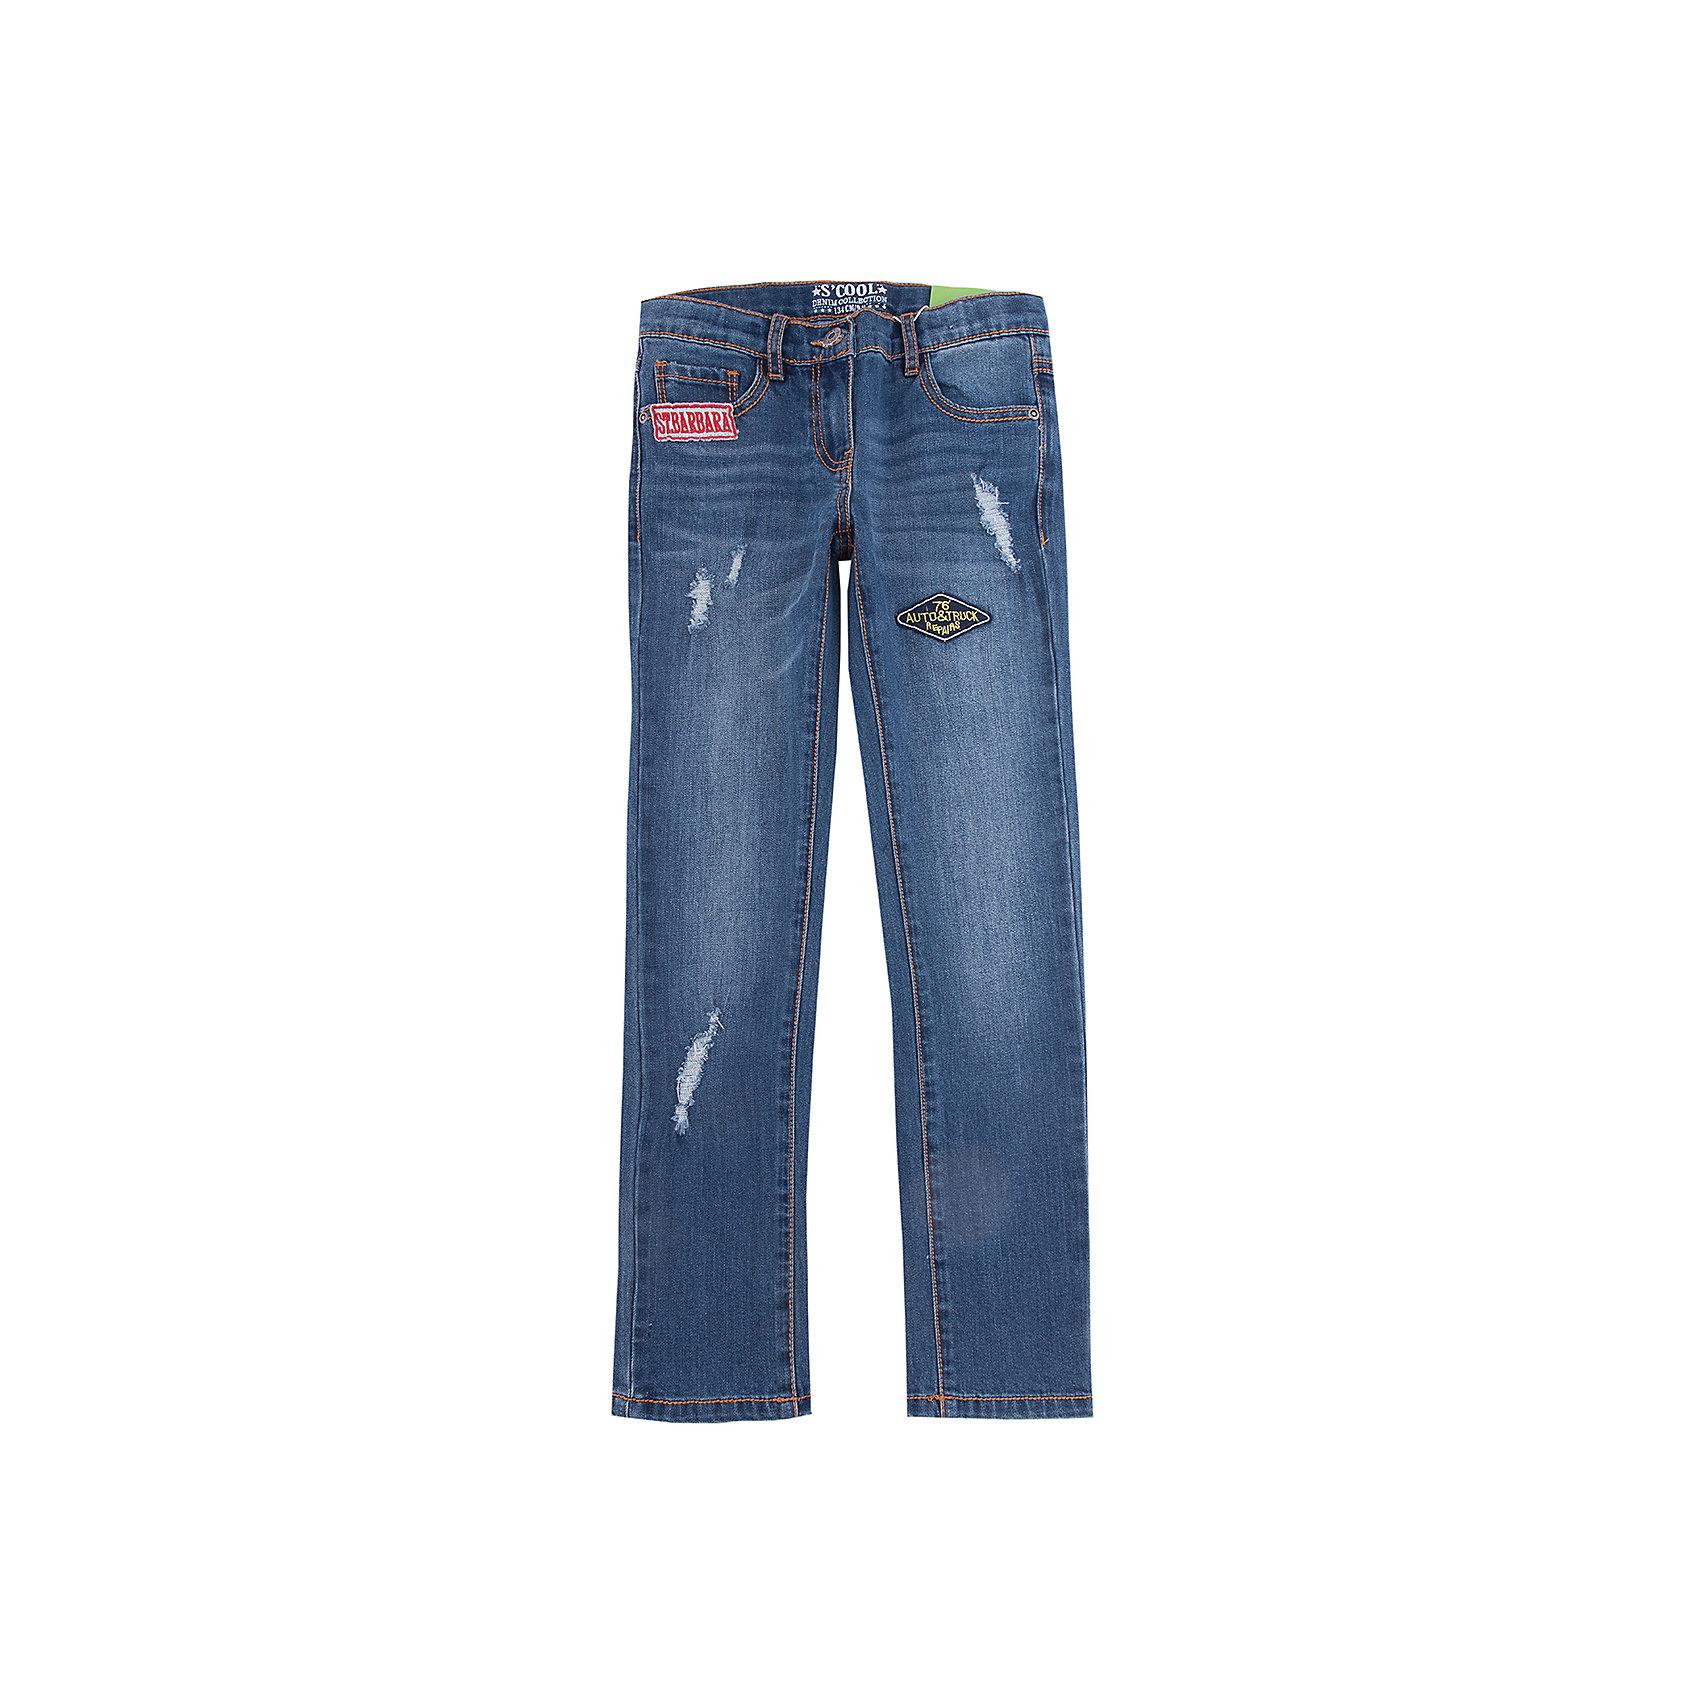 Джинсы Scool для девочкиДжинсовая одежда<br>Джинсы Scool для девочки<br>Брюки - джинсы из смесовой ткани с высоким содержанием хлопка. Классическая модель со шлевками. В качестве декора использованы небольшие аппликации и потертости.<br>Состав:<br>65% хлопок, 32% полиэстер, 3% эластан<br><br>Ширина мм: 215<br>Глубина мм: 88<br>Высота мм: 191<br>Вес г: 336<br>Цвет: синий<br>Возраст от месяцев: 96<br>Возраст до месяцев: 108<br>Пол: Женский<br>Возраст: Детский<br>Размер: 134,140,146,152,158,164<br>SKU: 7105548